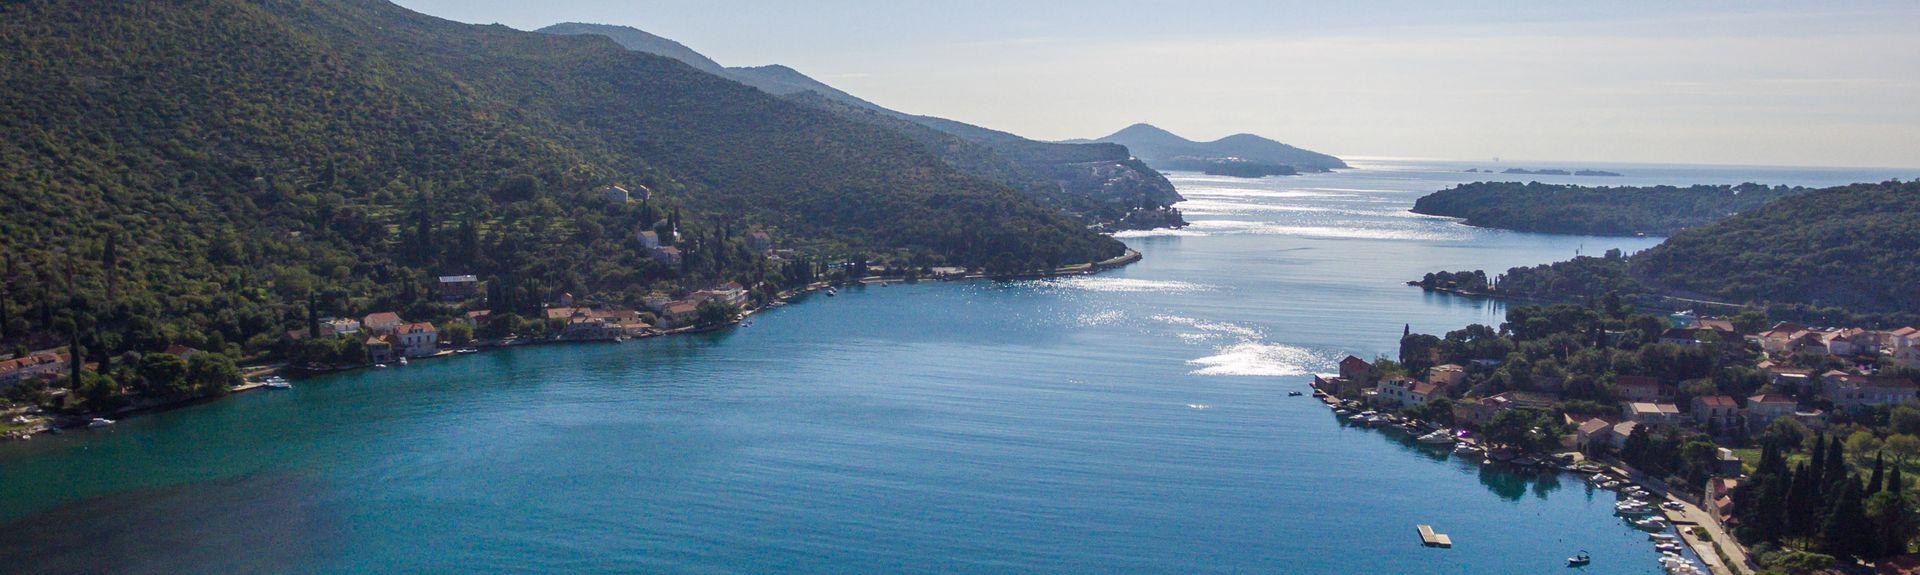 Bosanka, Dubrovnik, Dubrovnik-Neretva, Croatia